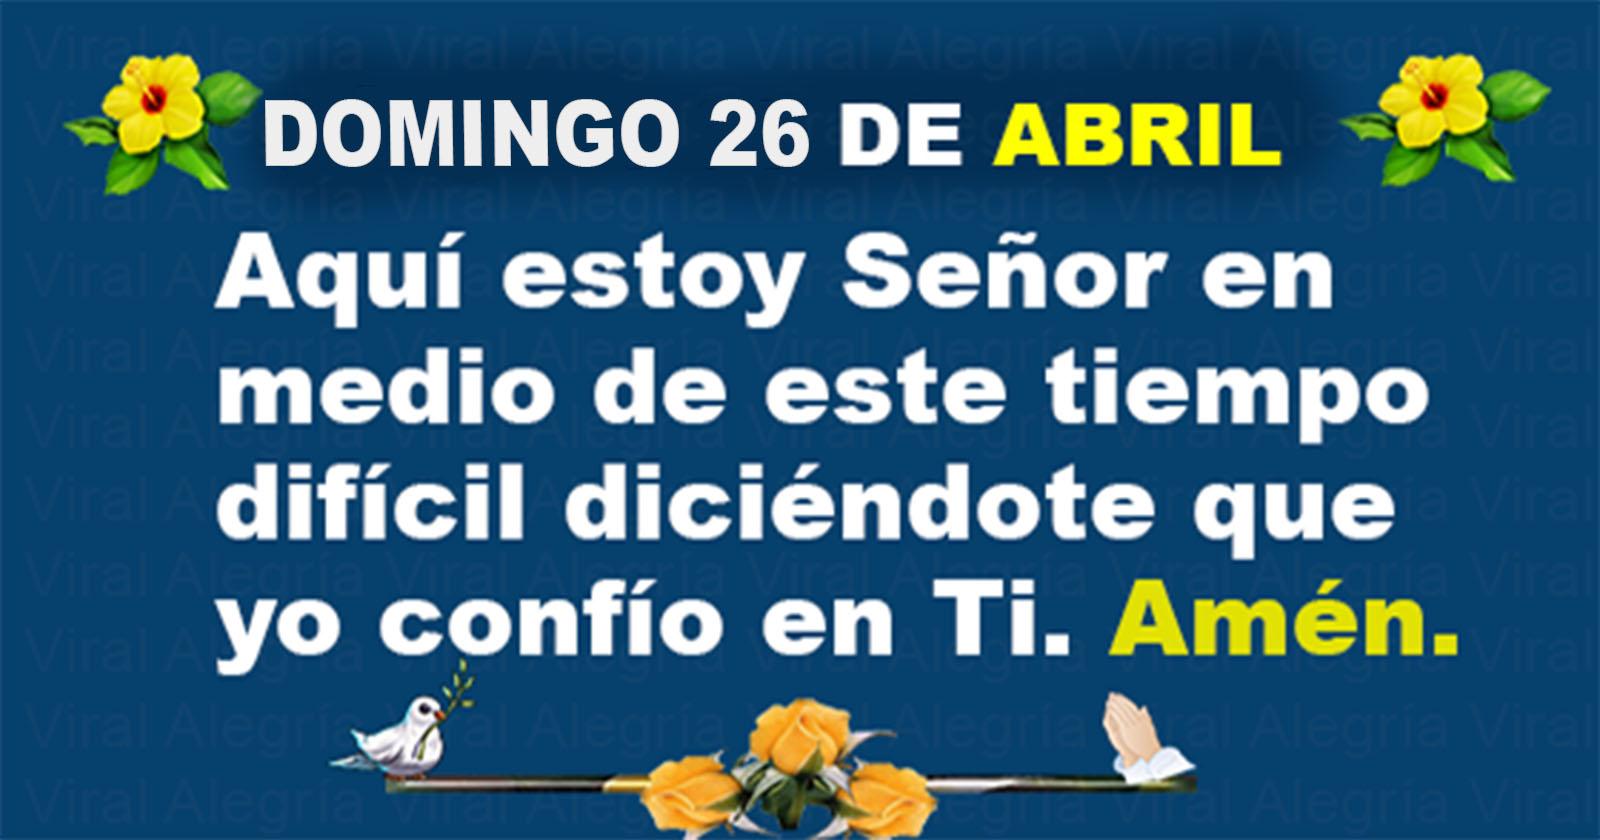 DOMINGO 26